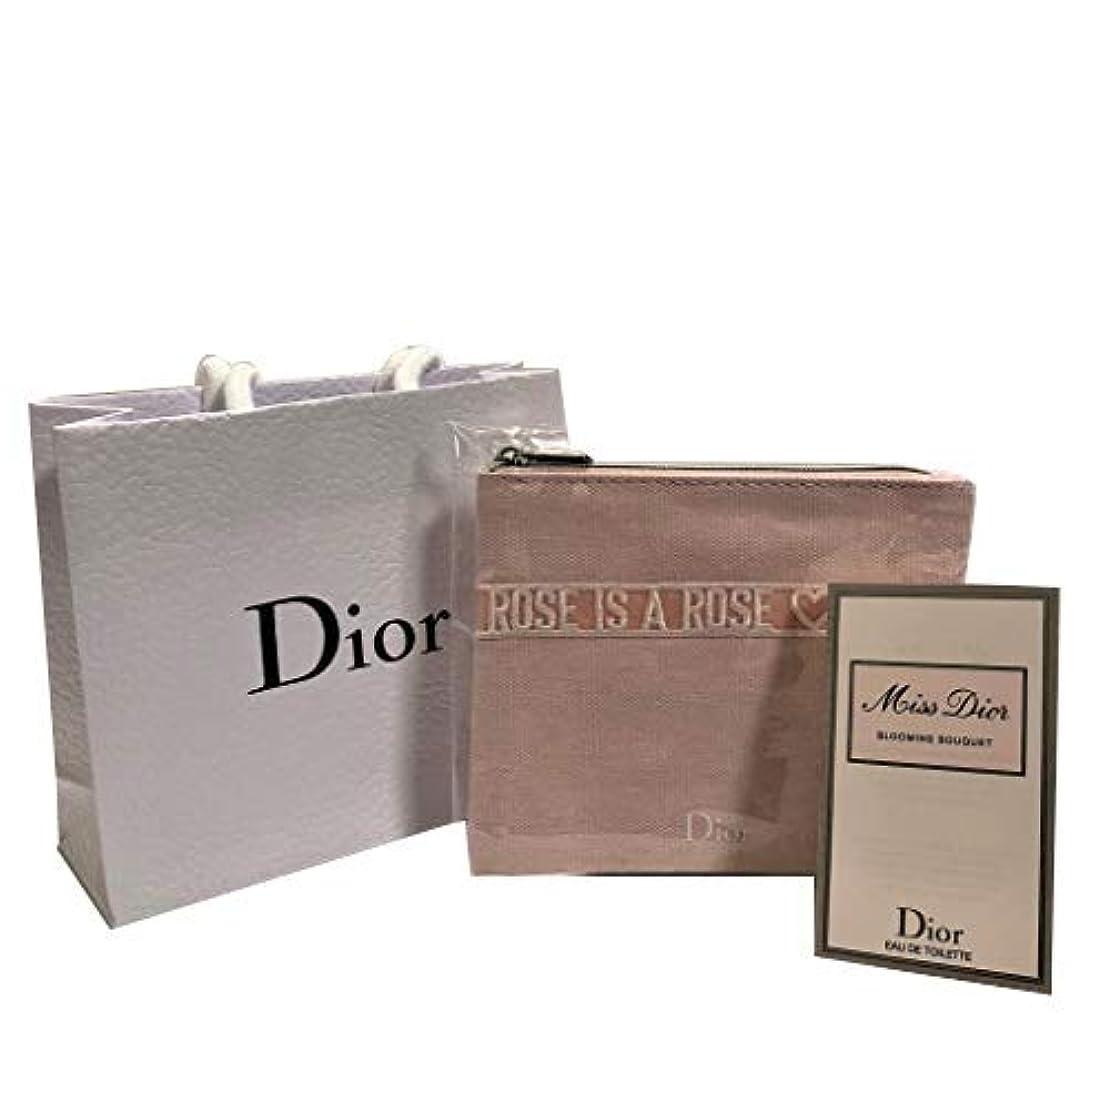 認識ギャザー工場Dior ディオール ミニポーチセット( ミス ディオール ブルーミング ブーケ EDT SP 1ml)